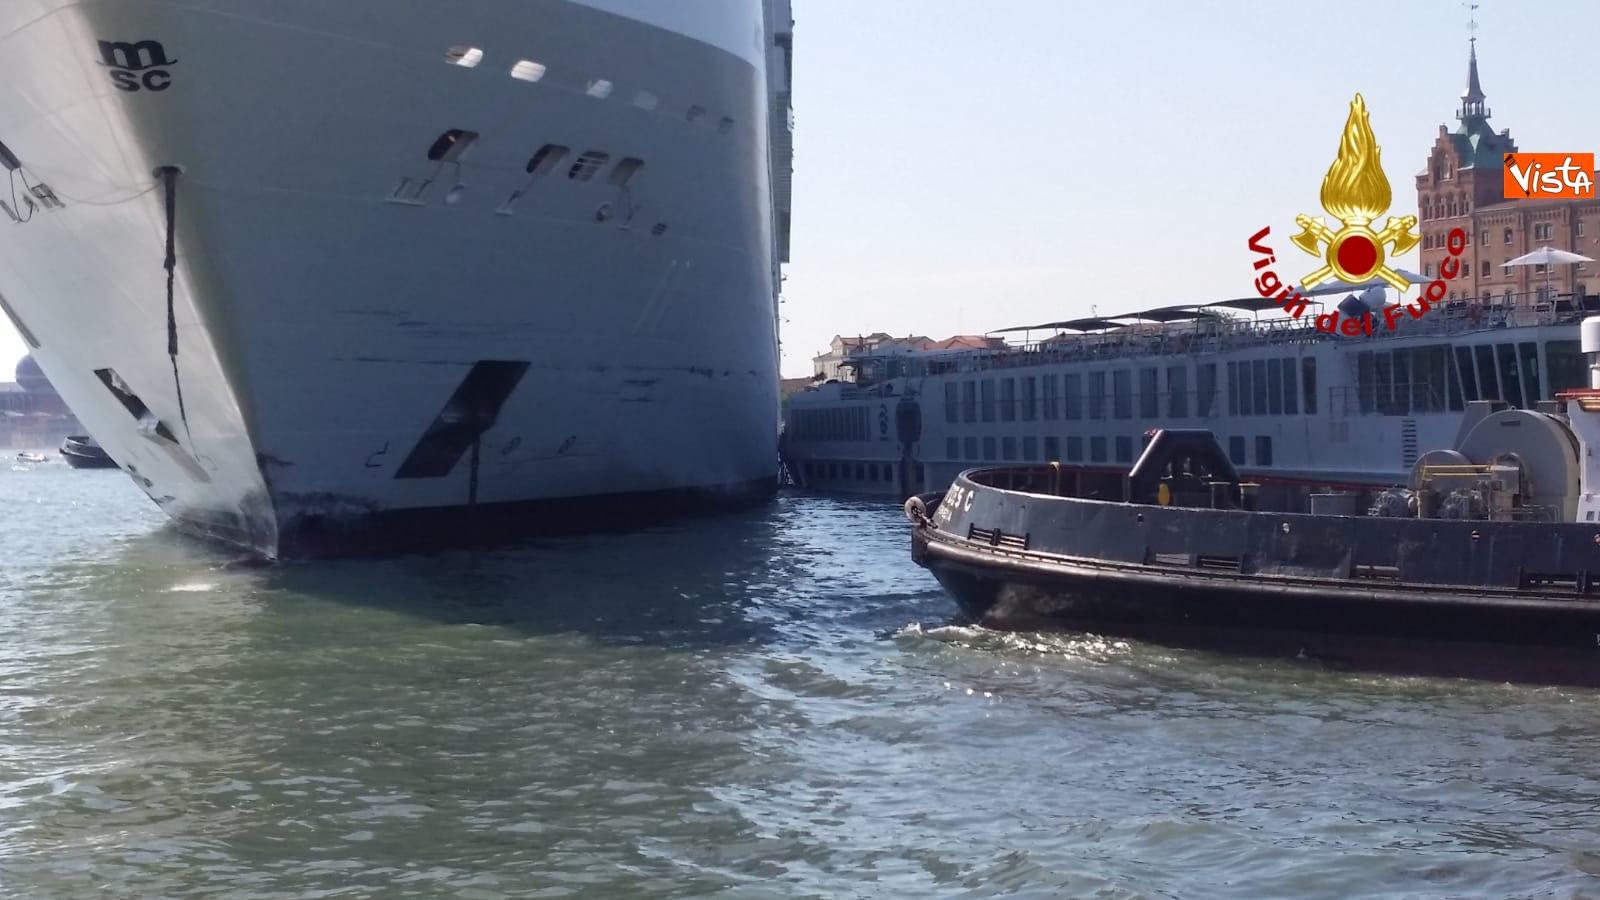 02-06-19 Scontro a Venezia fra nave da crociera e battello turistico le verifiche dei vigili del fuoco dopo l incidente_02